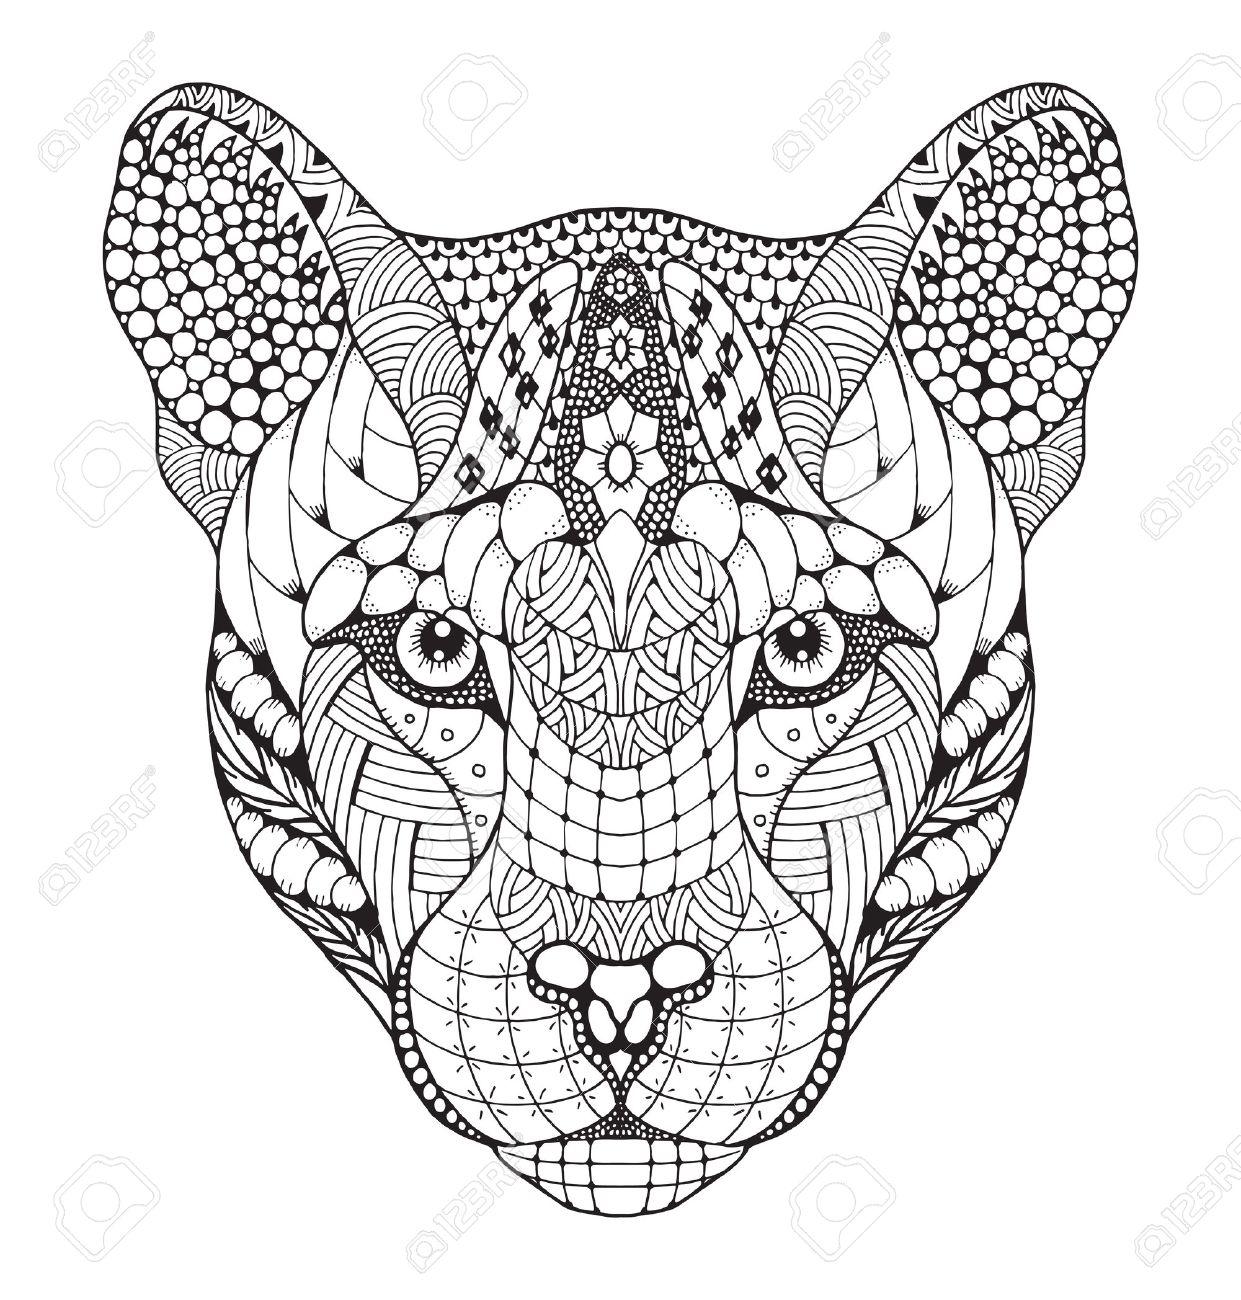 Cougar Montagne Lion Tete De Panthere Stylise Illustration Dessin Crayon A Main Levee Tire Par La Main Art Zen Imprimer Des T Shirts Et Des Livres De Coloriage Clip Art Libres De Droits